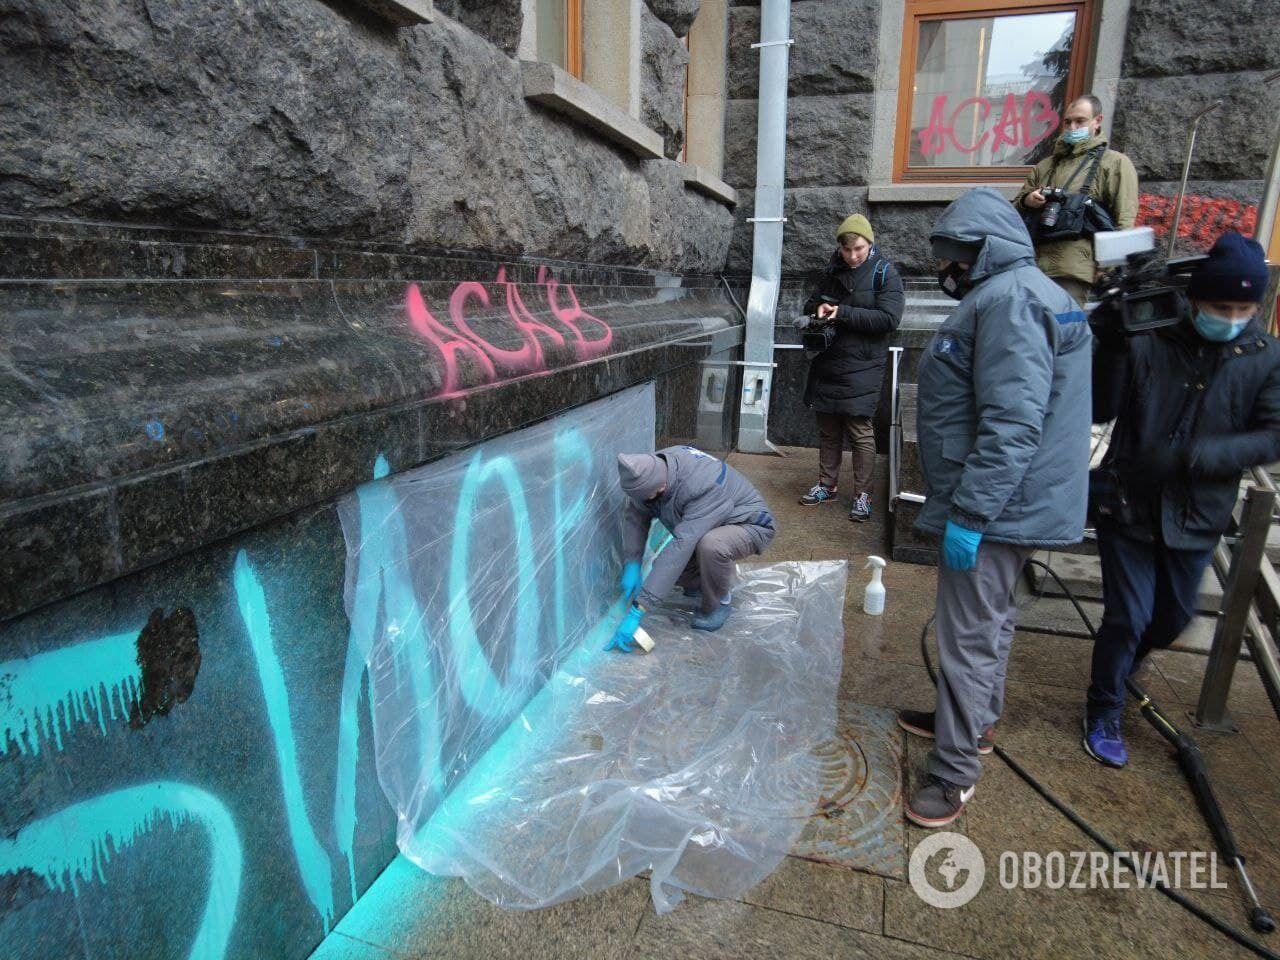 Співробітники приватної компанії готують стіни для миття.